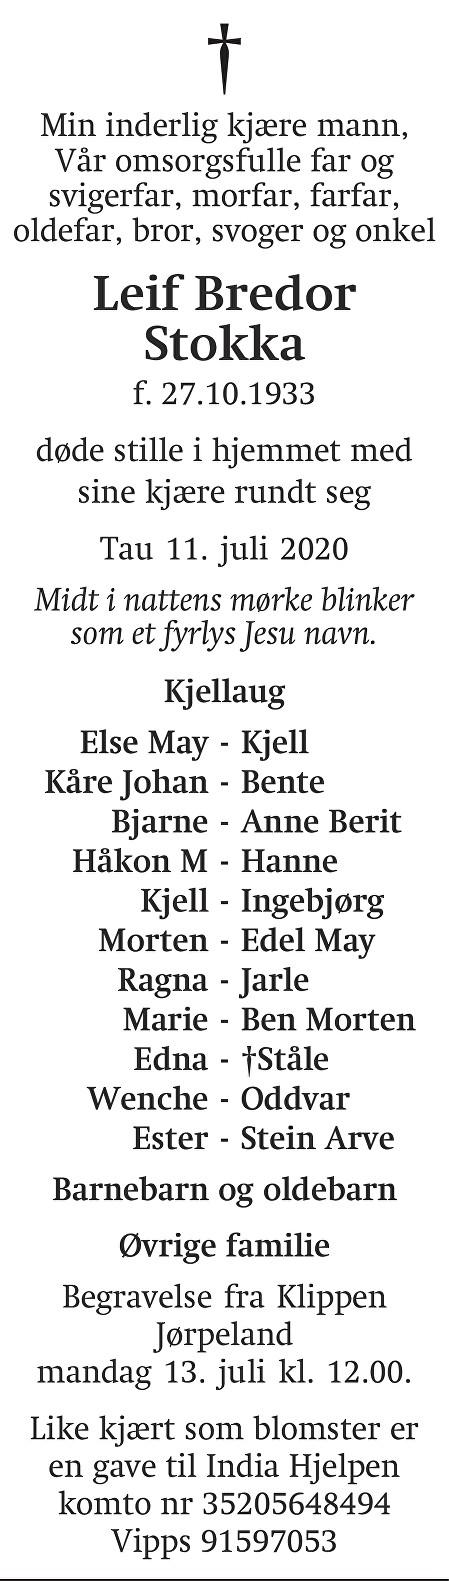 Leif Bredor Stokka Dødsannonse